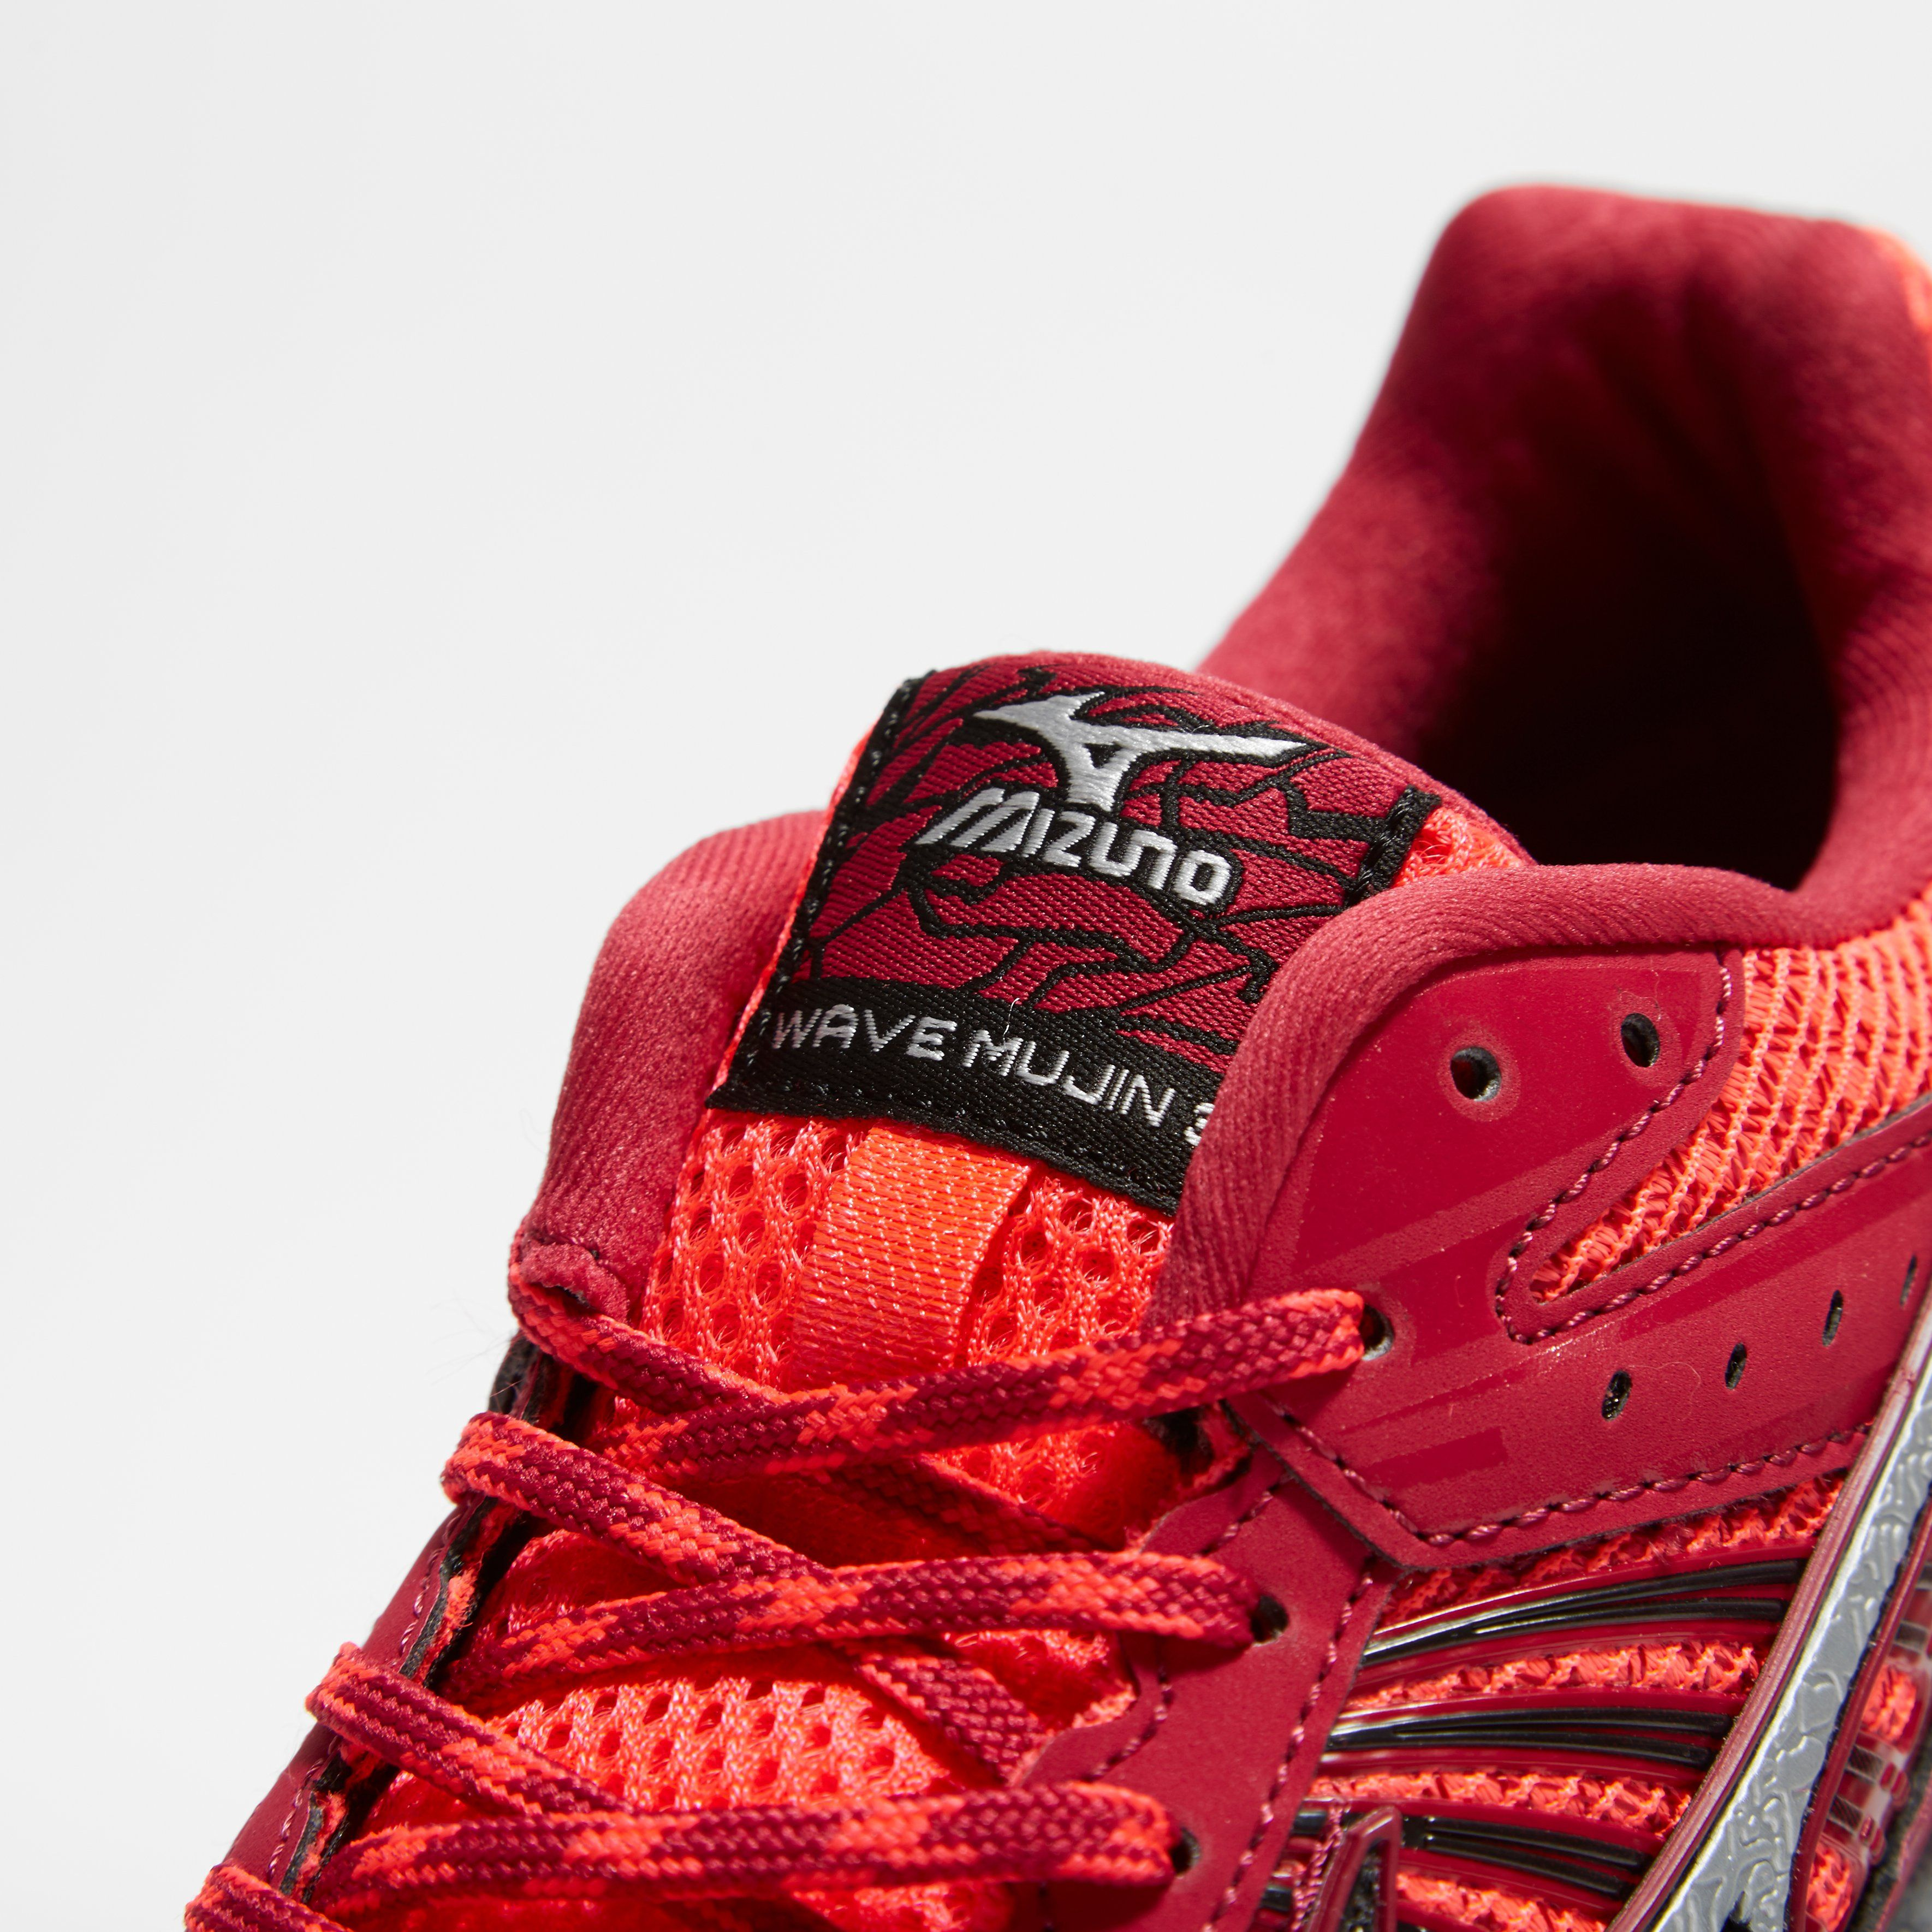 Mizuno Wave Mujin 3 Women's Trail Running Shoes